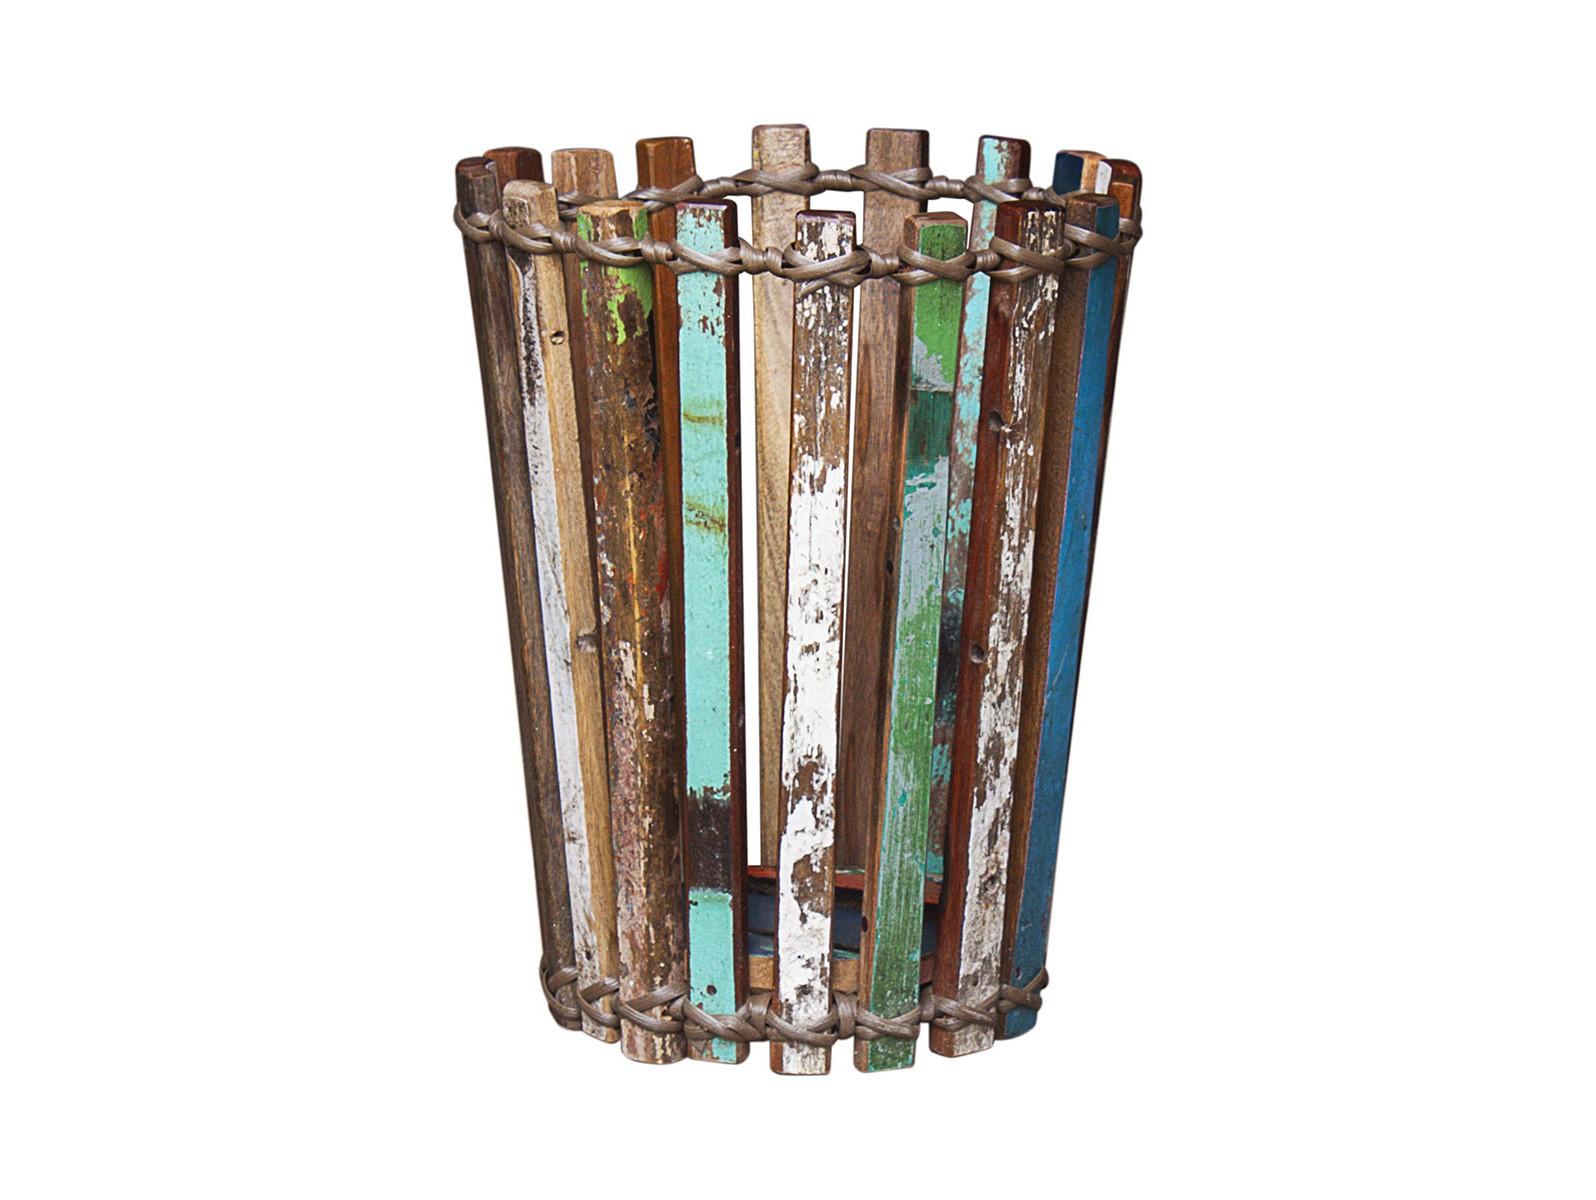 Корзина для храненияКорзины<br>Корзина, выполненная из частей старого рыбацкого судна с сохранением оригинальной многослойной окраски.<br><br>Material: Тик<br>Width см: None<br>Depth см: None<br>Height см: 45<br>Diameter см: 35